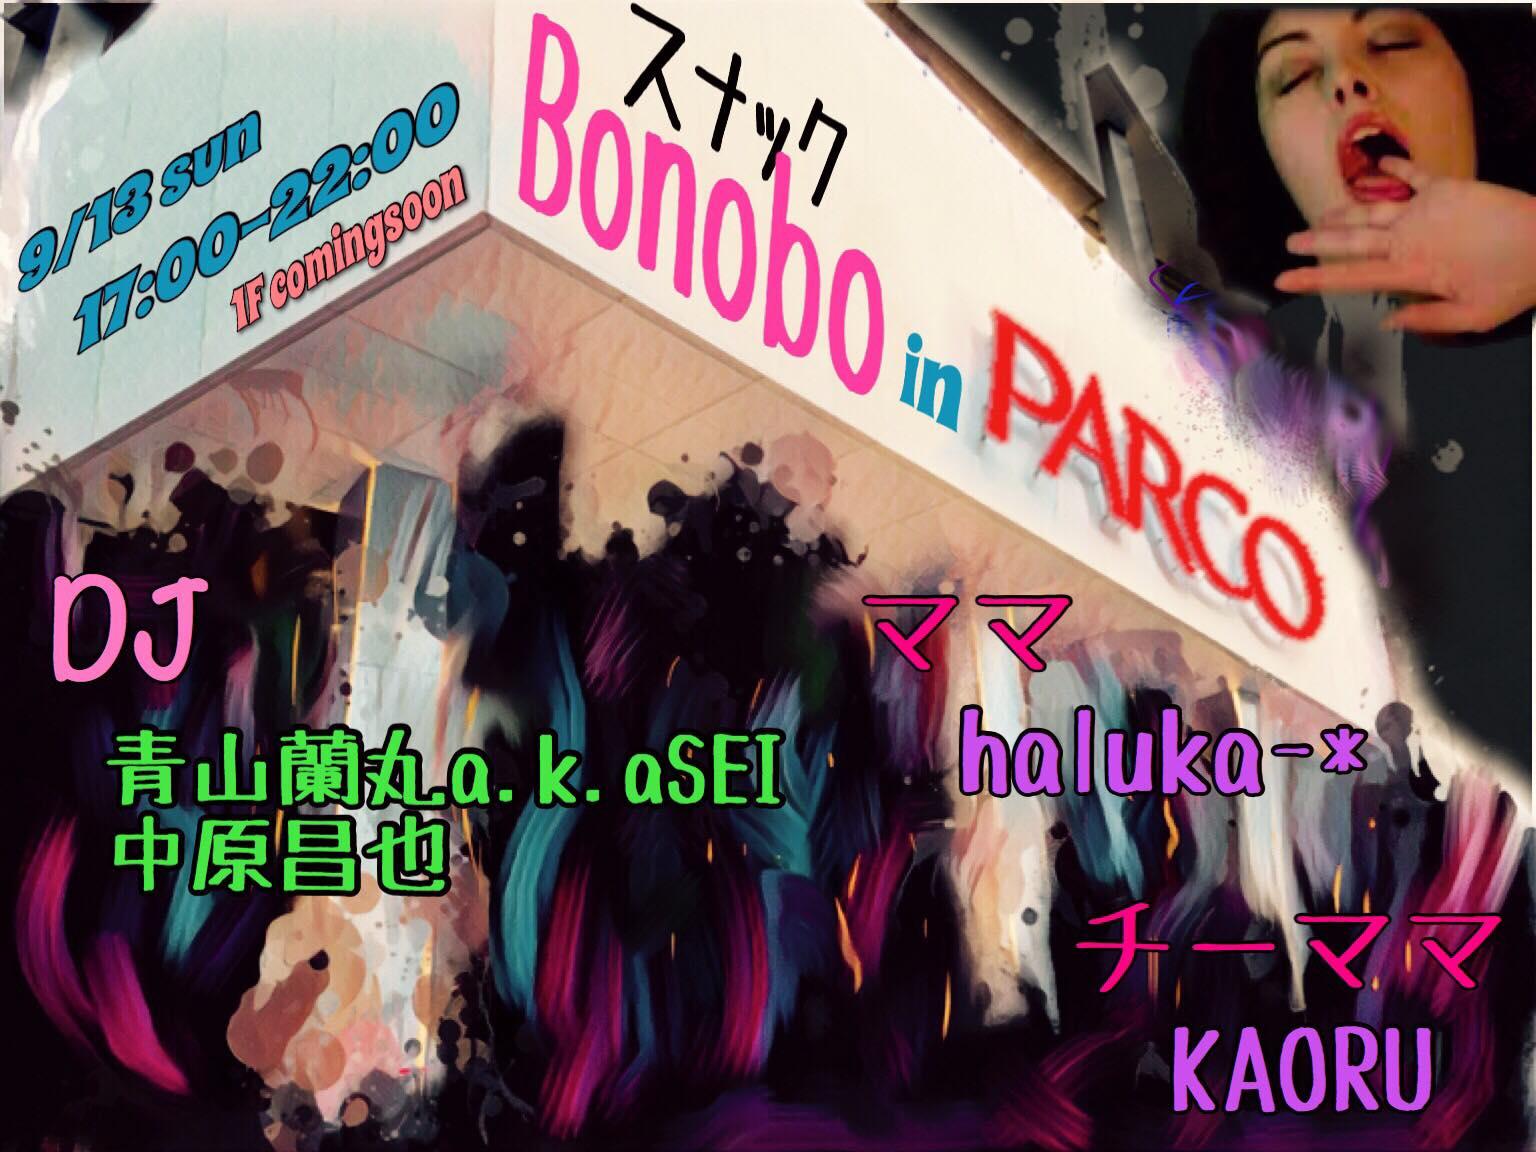 期間限定で渋谷PARCOにてグッズ販売中